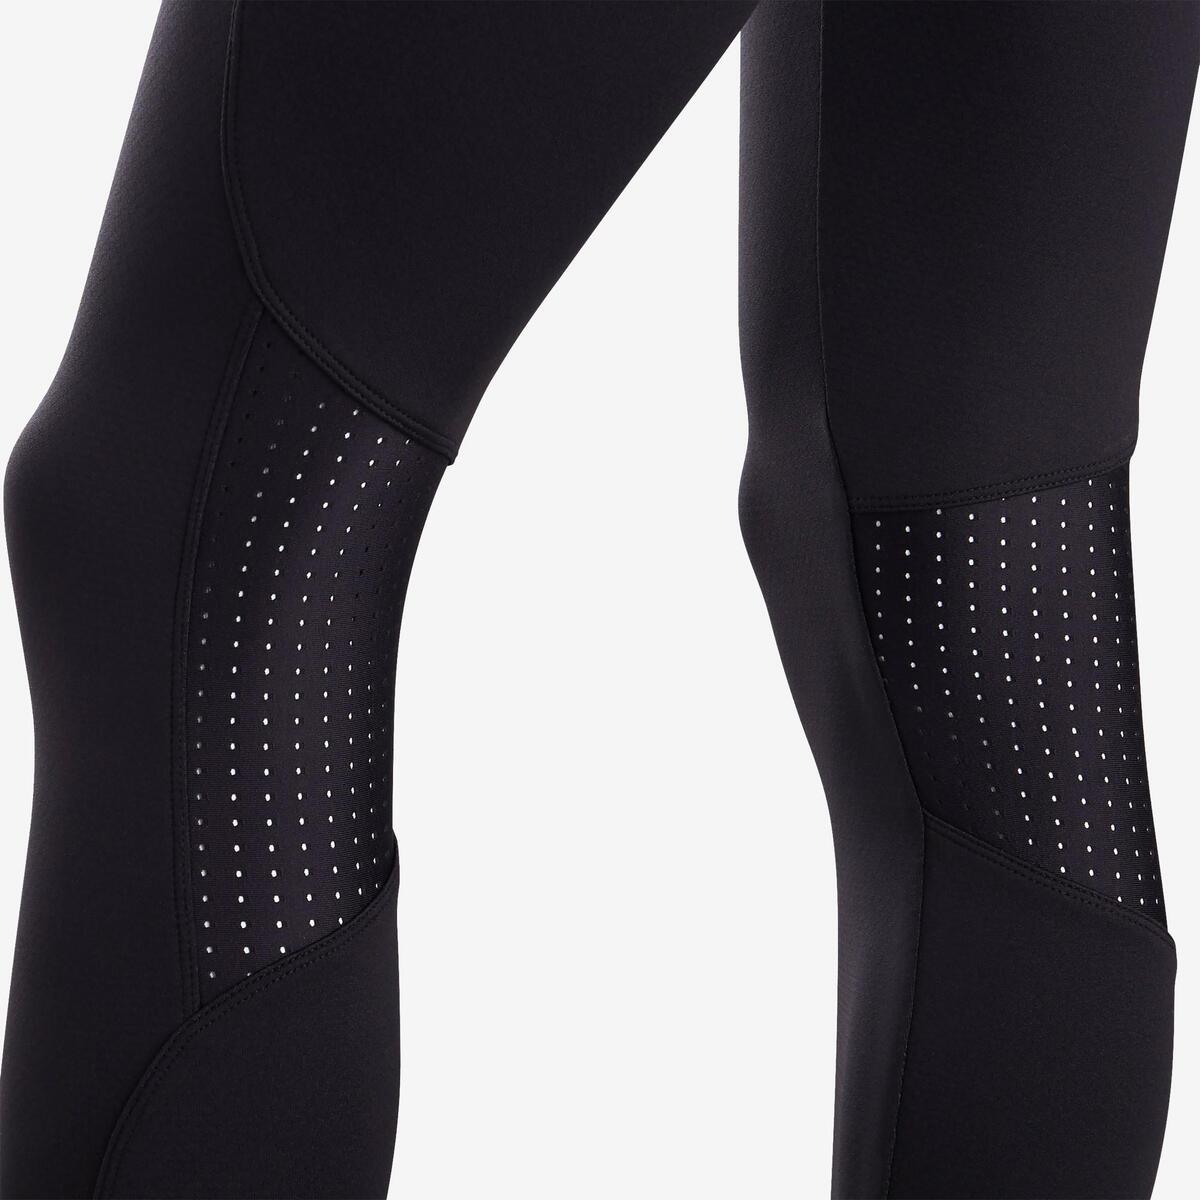 Bild 5 von Leggings warm atmungsaktiv S900 Gym Kinder schwarz, Innenseite grau